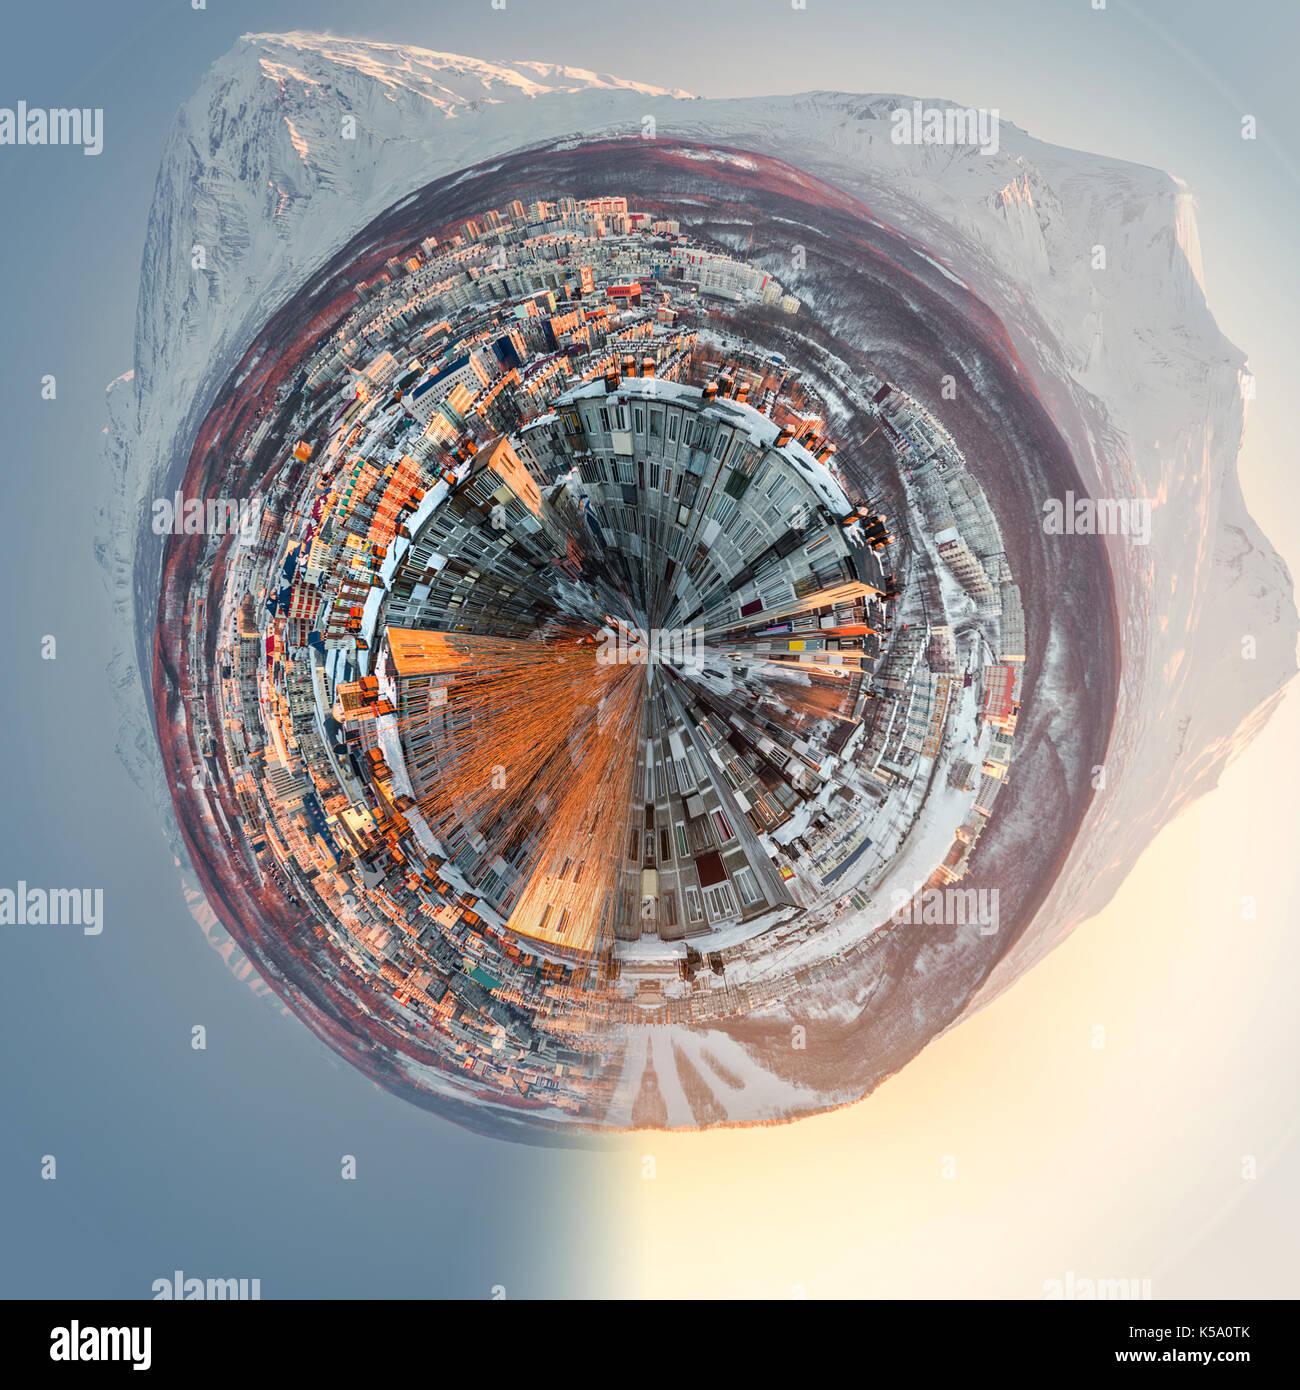 Little planet 360 degree sphere. Petropavlovsk-Kamchatsky cityscape. Sunrise over Koryaksky and Avachinsky volcanoes. Far East, Russia - Stock Image